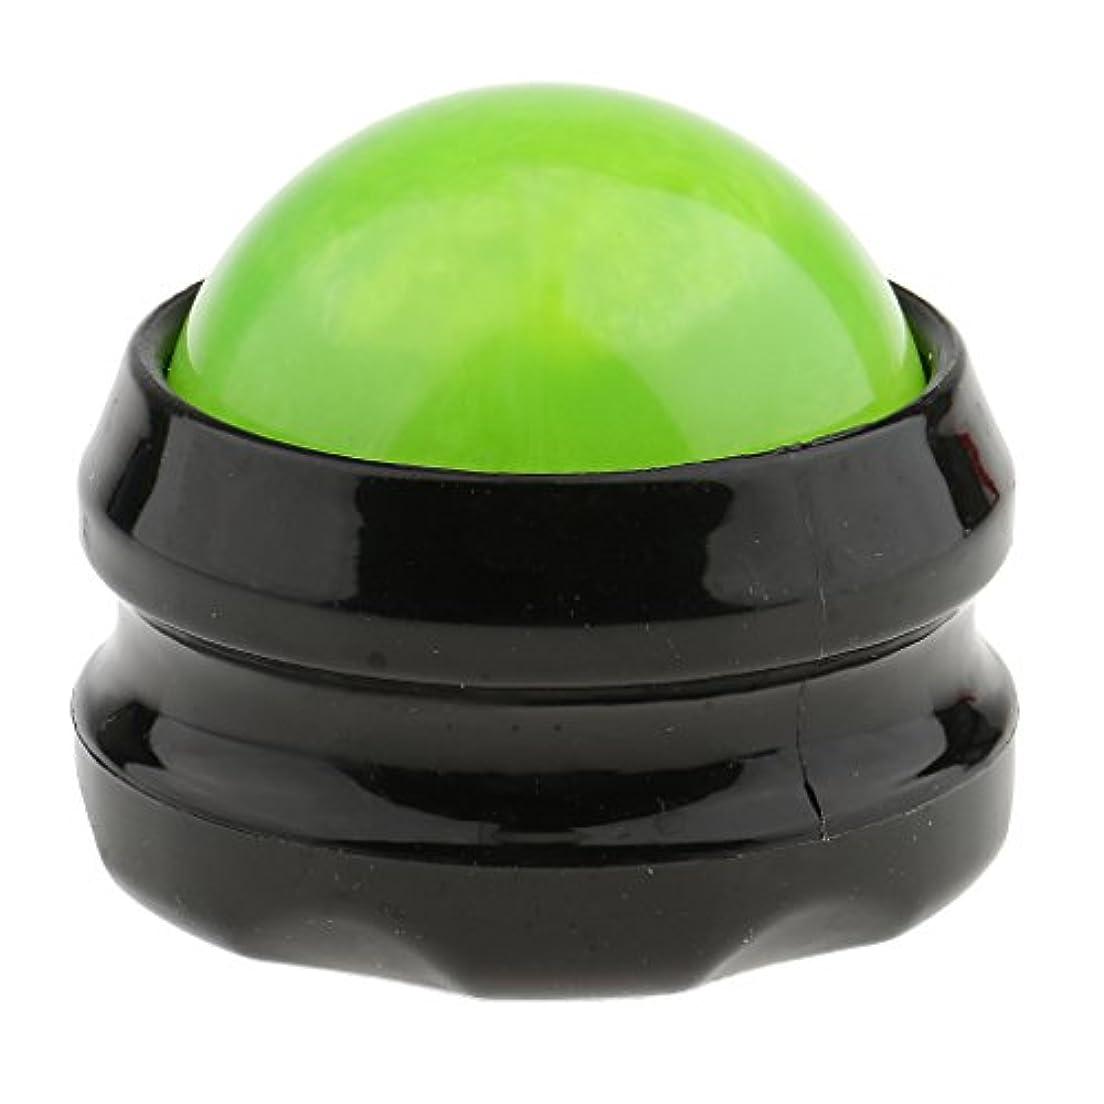 西閉じ込める神秘Hellery マッサージ ローラーボール ボディマッサージ 自宅 オフィス 旅行 SPA 全4色 - グリーンブラック